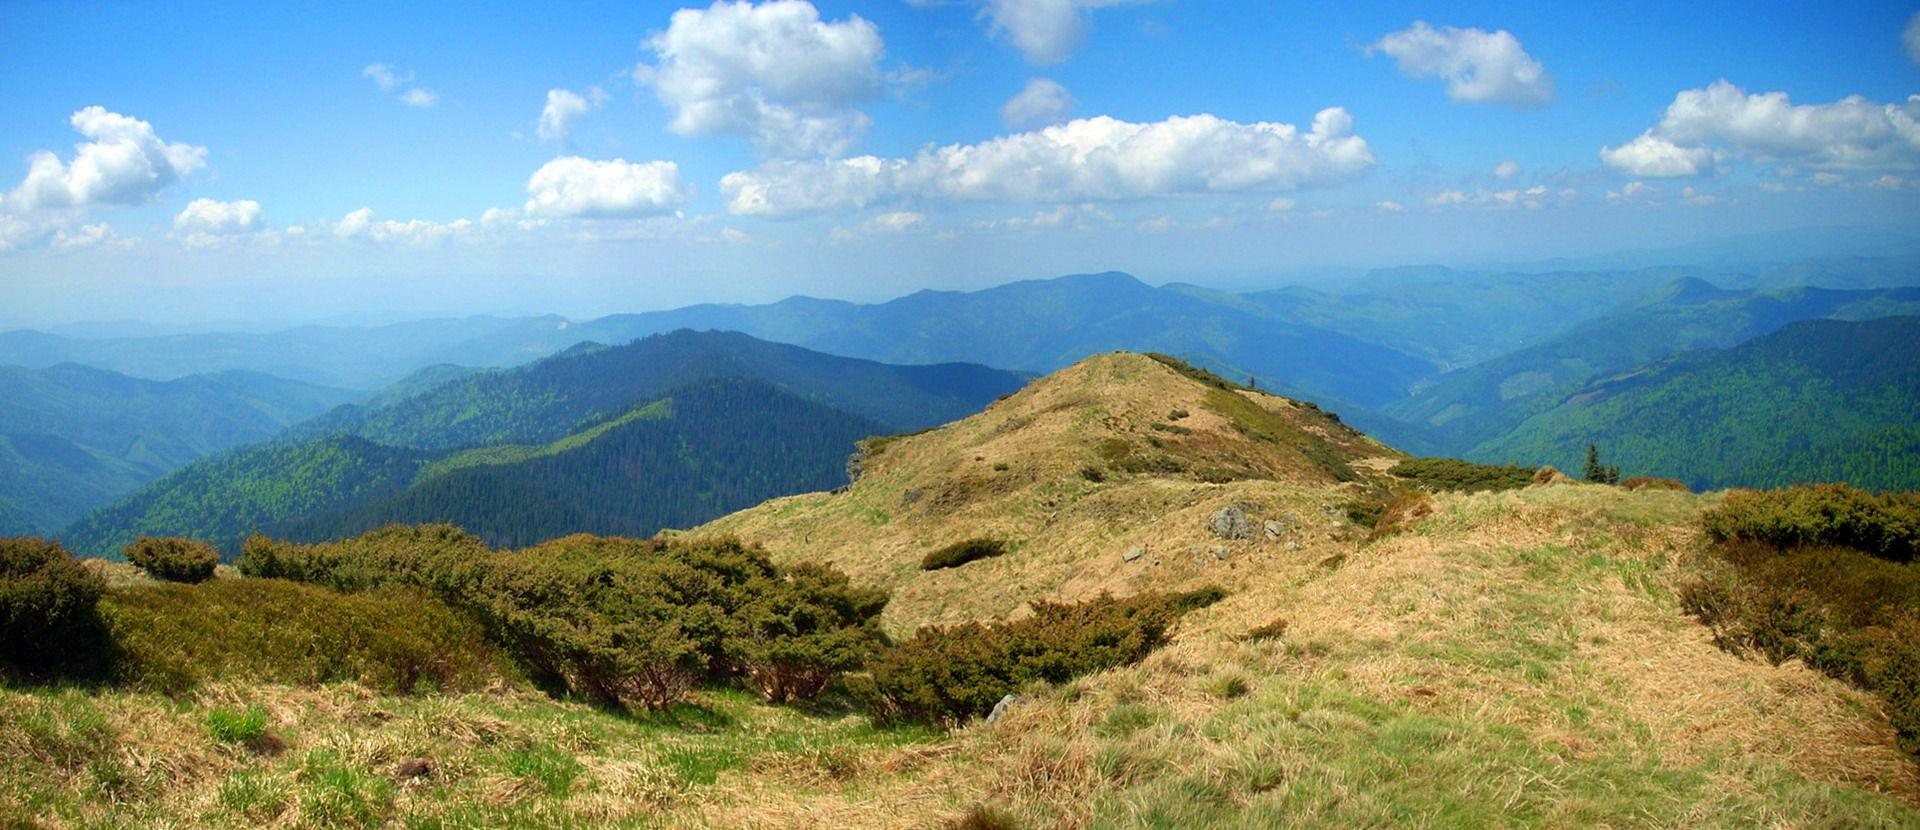 Гора Берлебашка, Мармароський масив